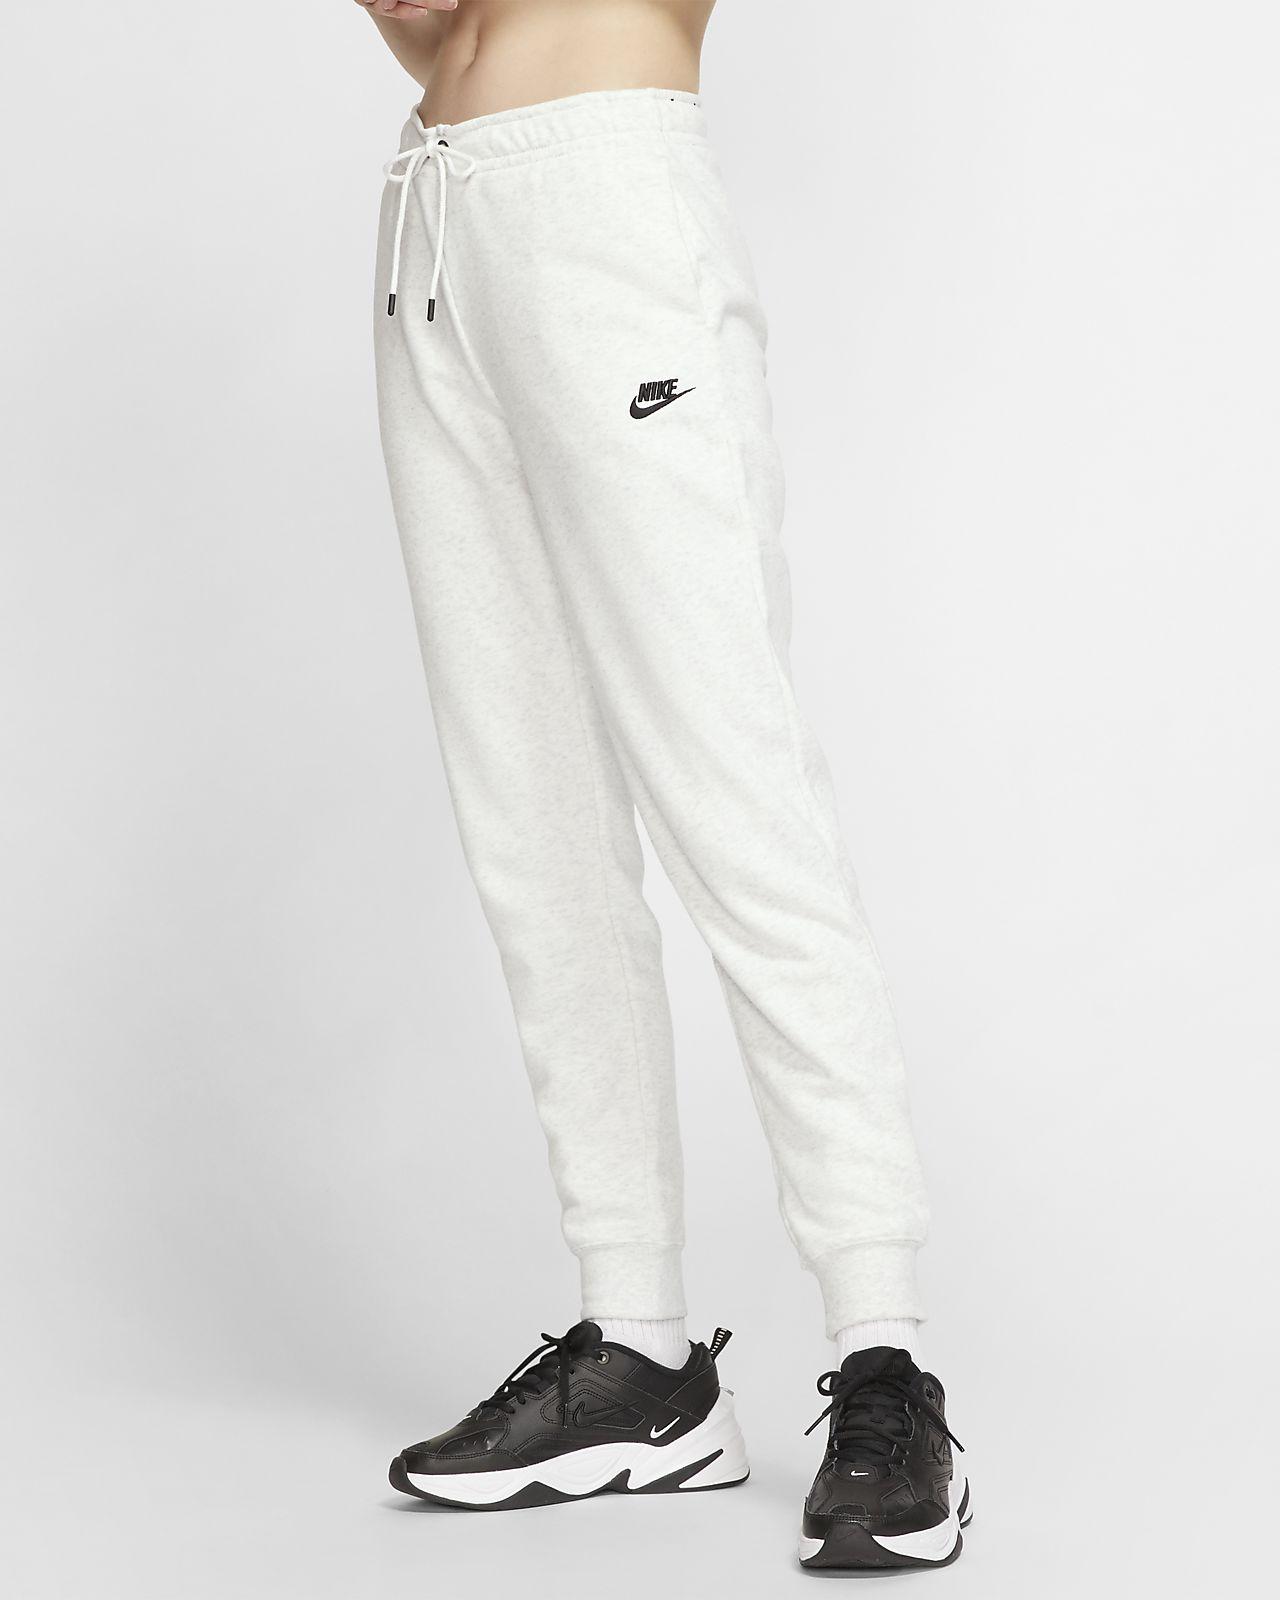 Nike Sportswear Essential Women's Fleece Trousers. Nike HU